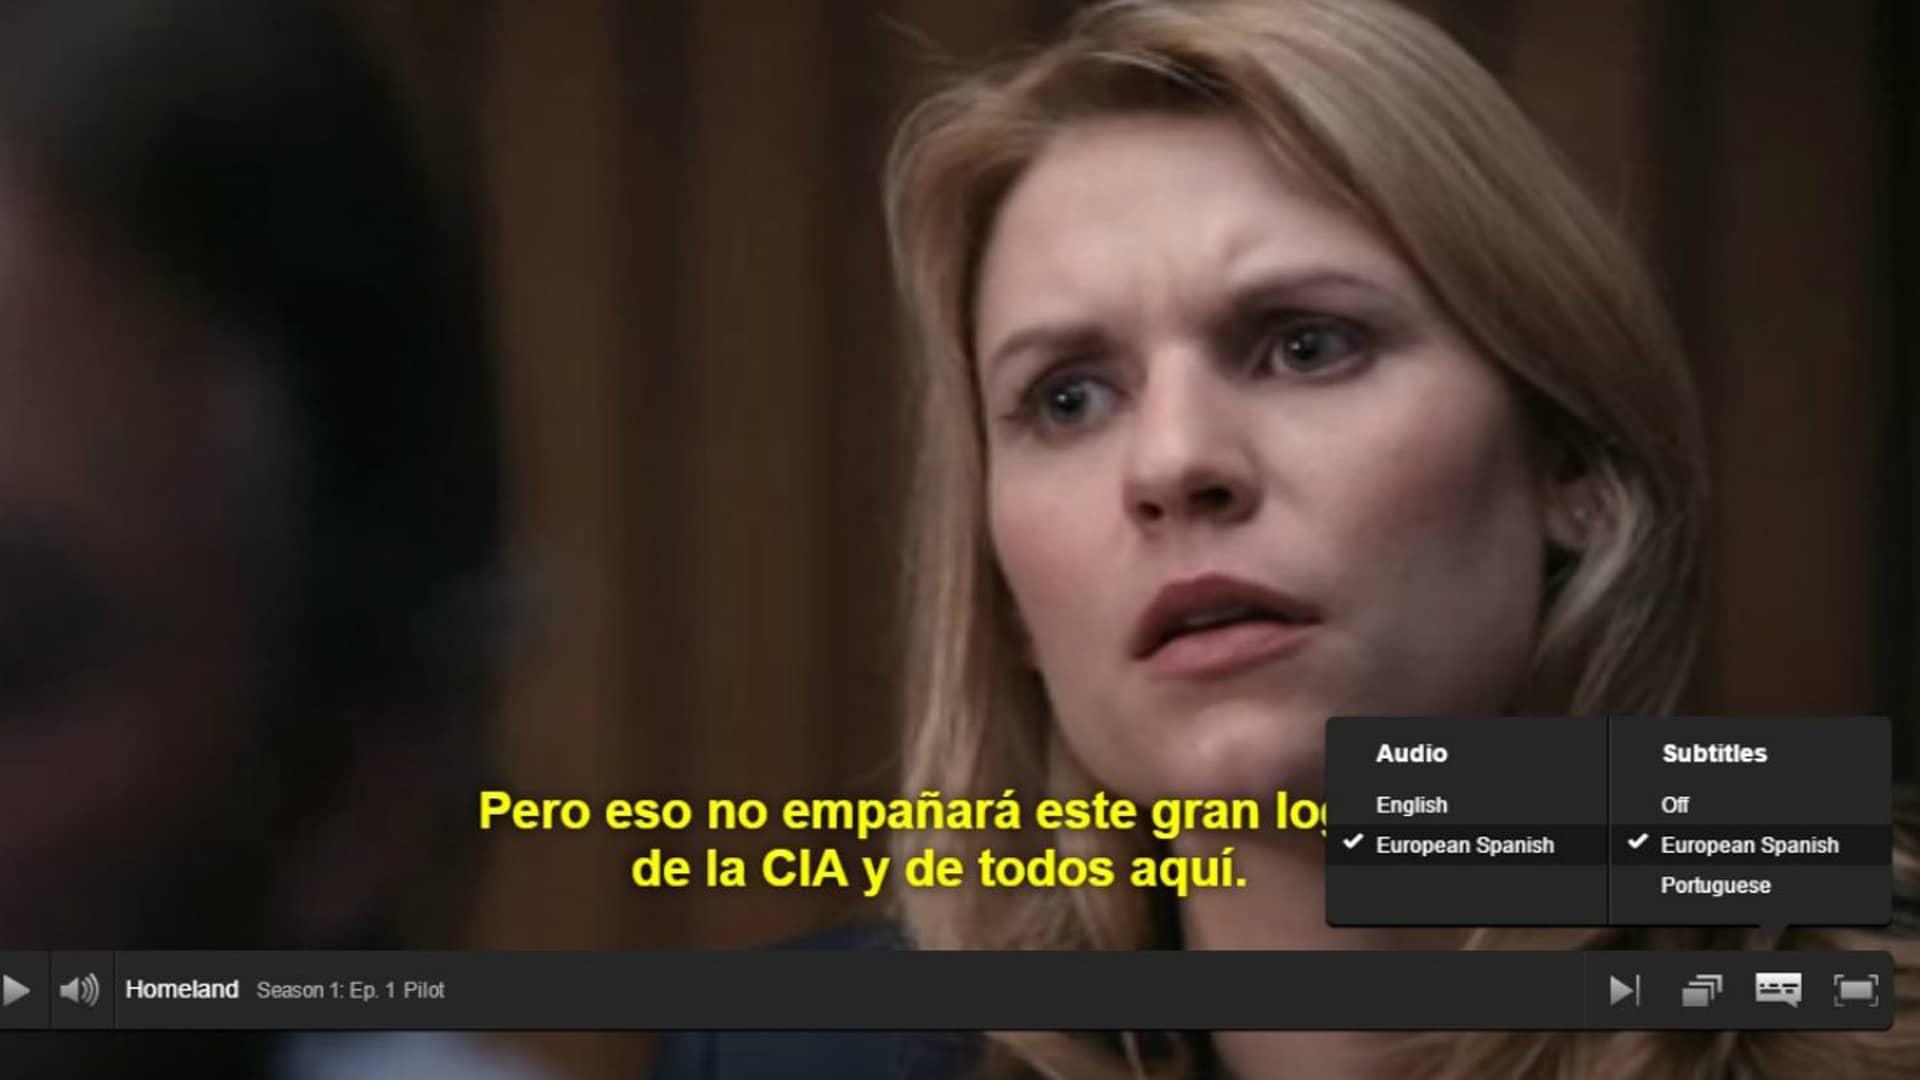 Cómo quitar los subtítulos en Movistar: pasos para desactivarlos